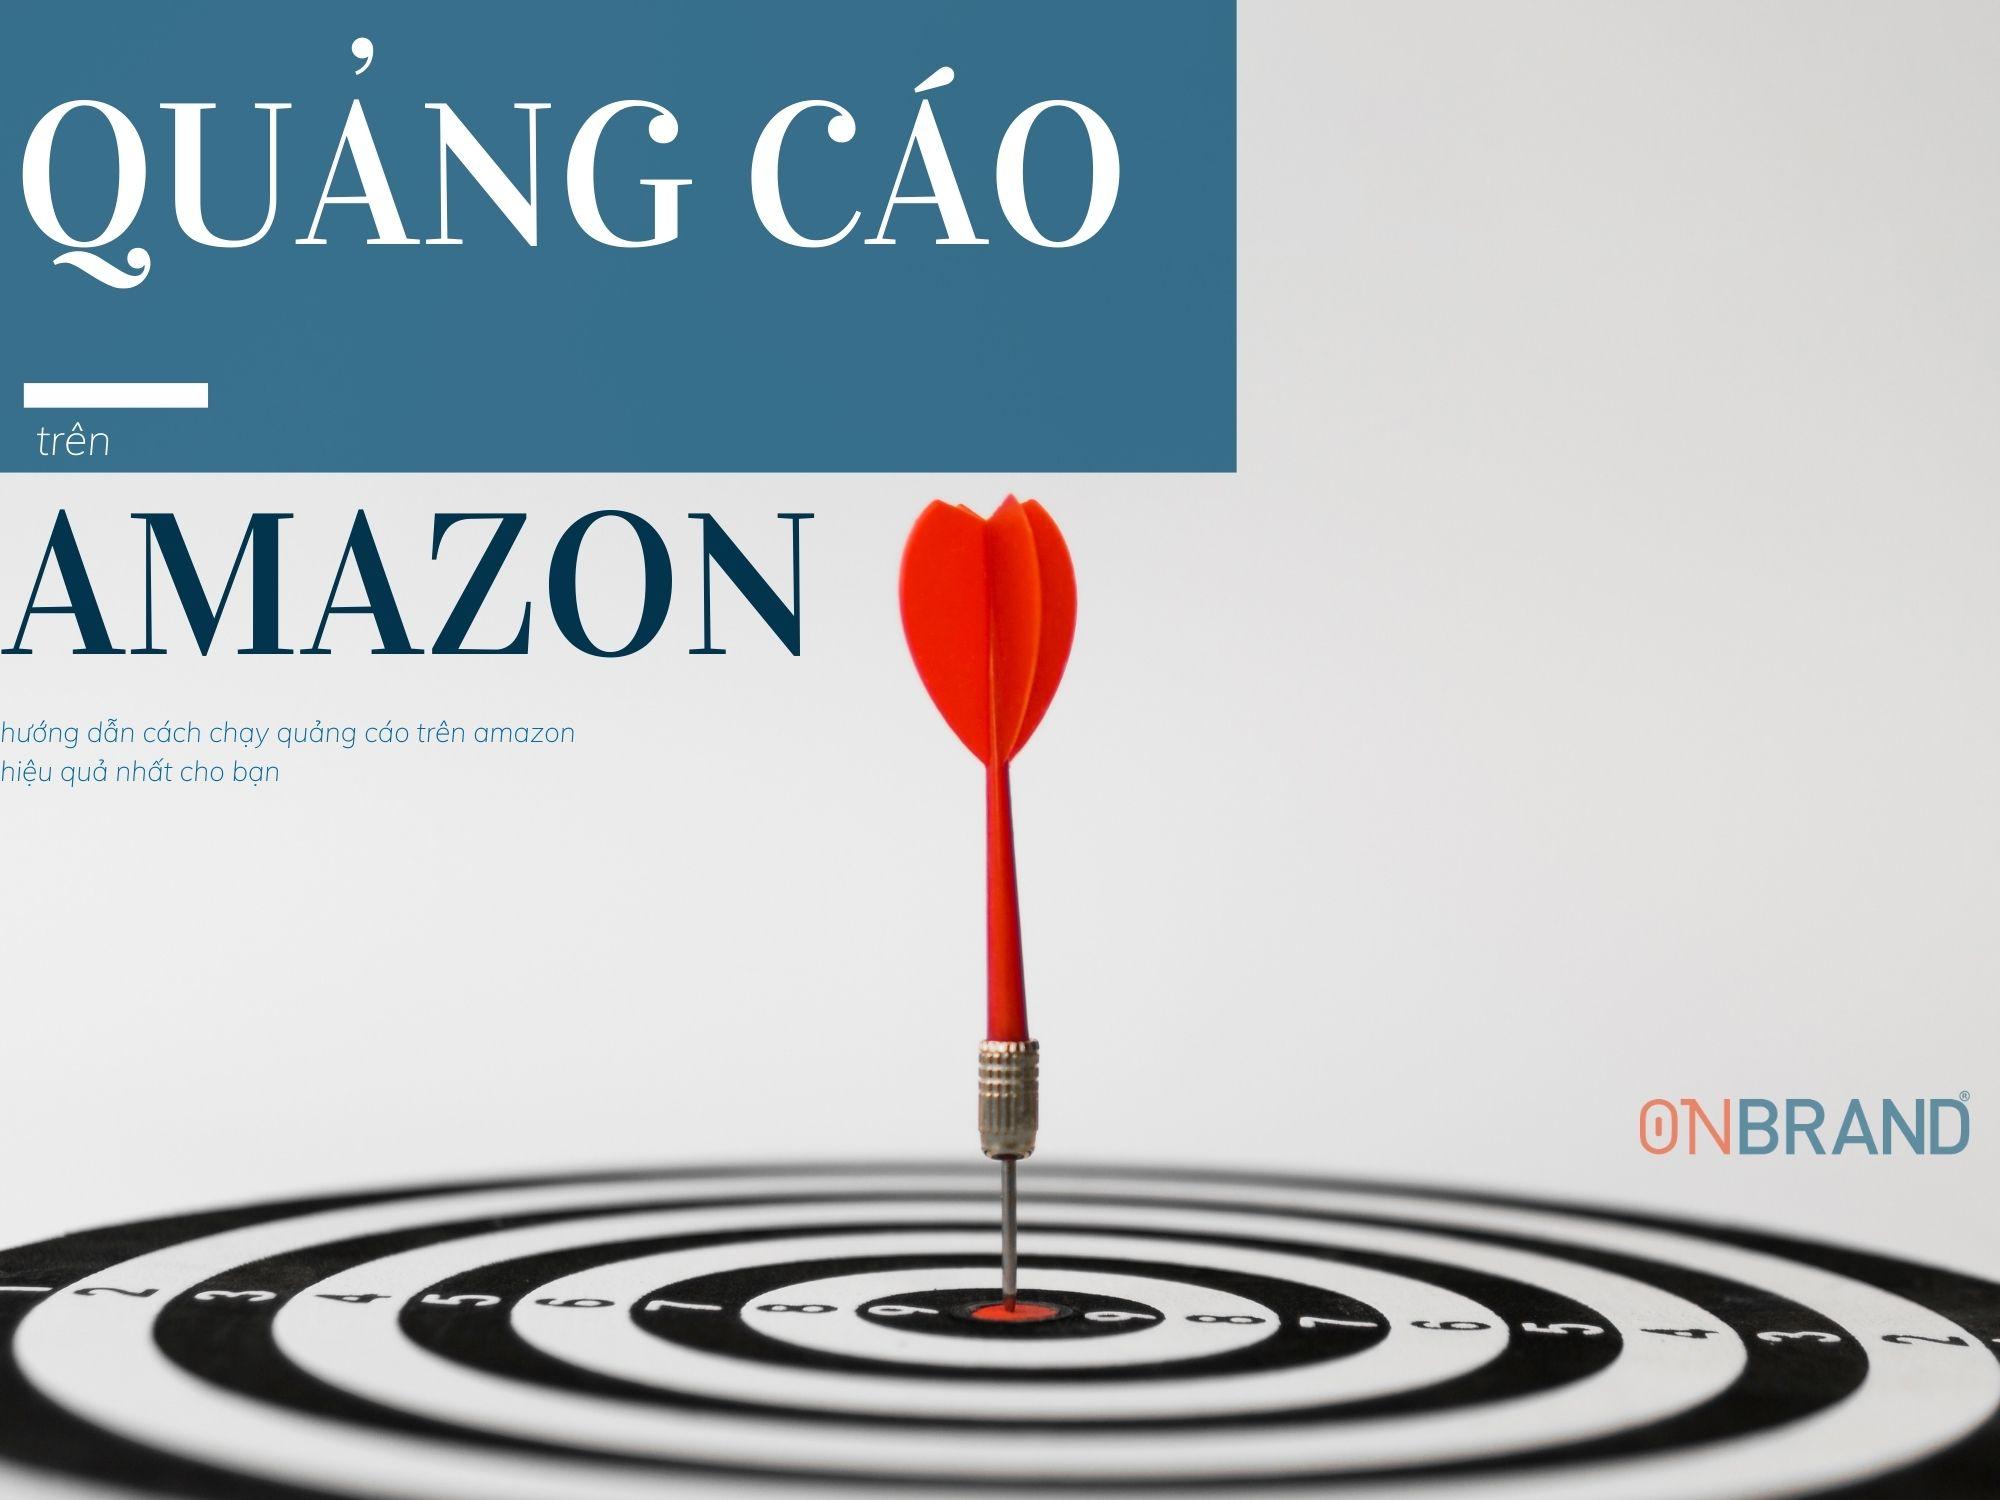 Quảng cáo Amazon là gì? Hướng dẫn chạy quảng cáo Amazon mới nhất